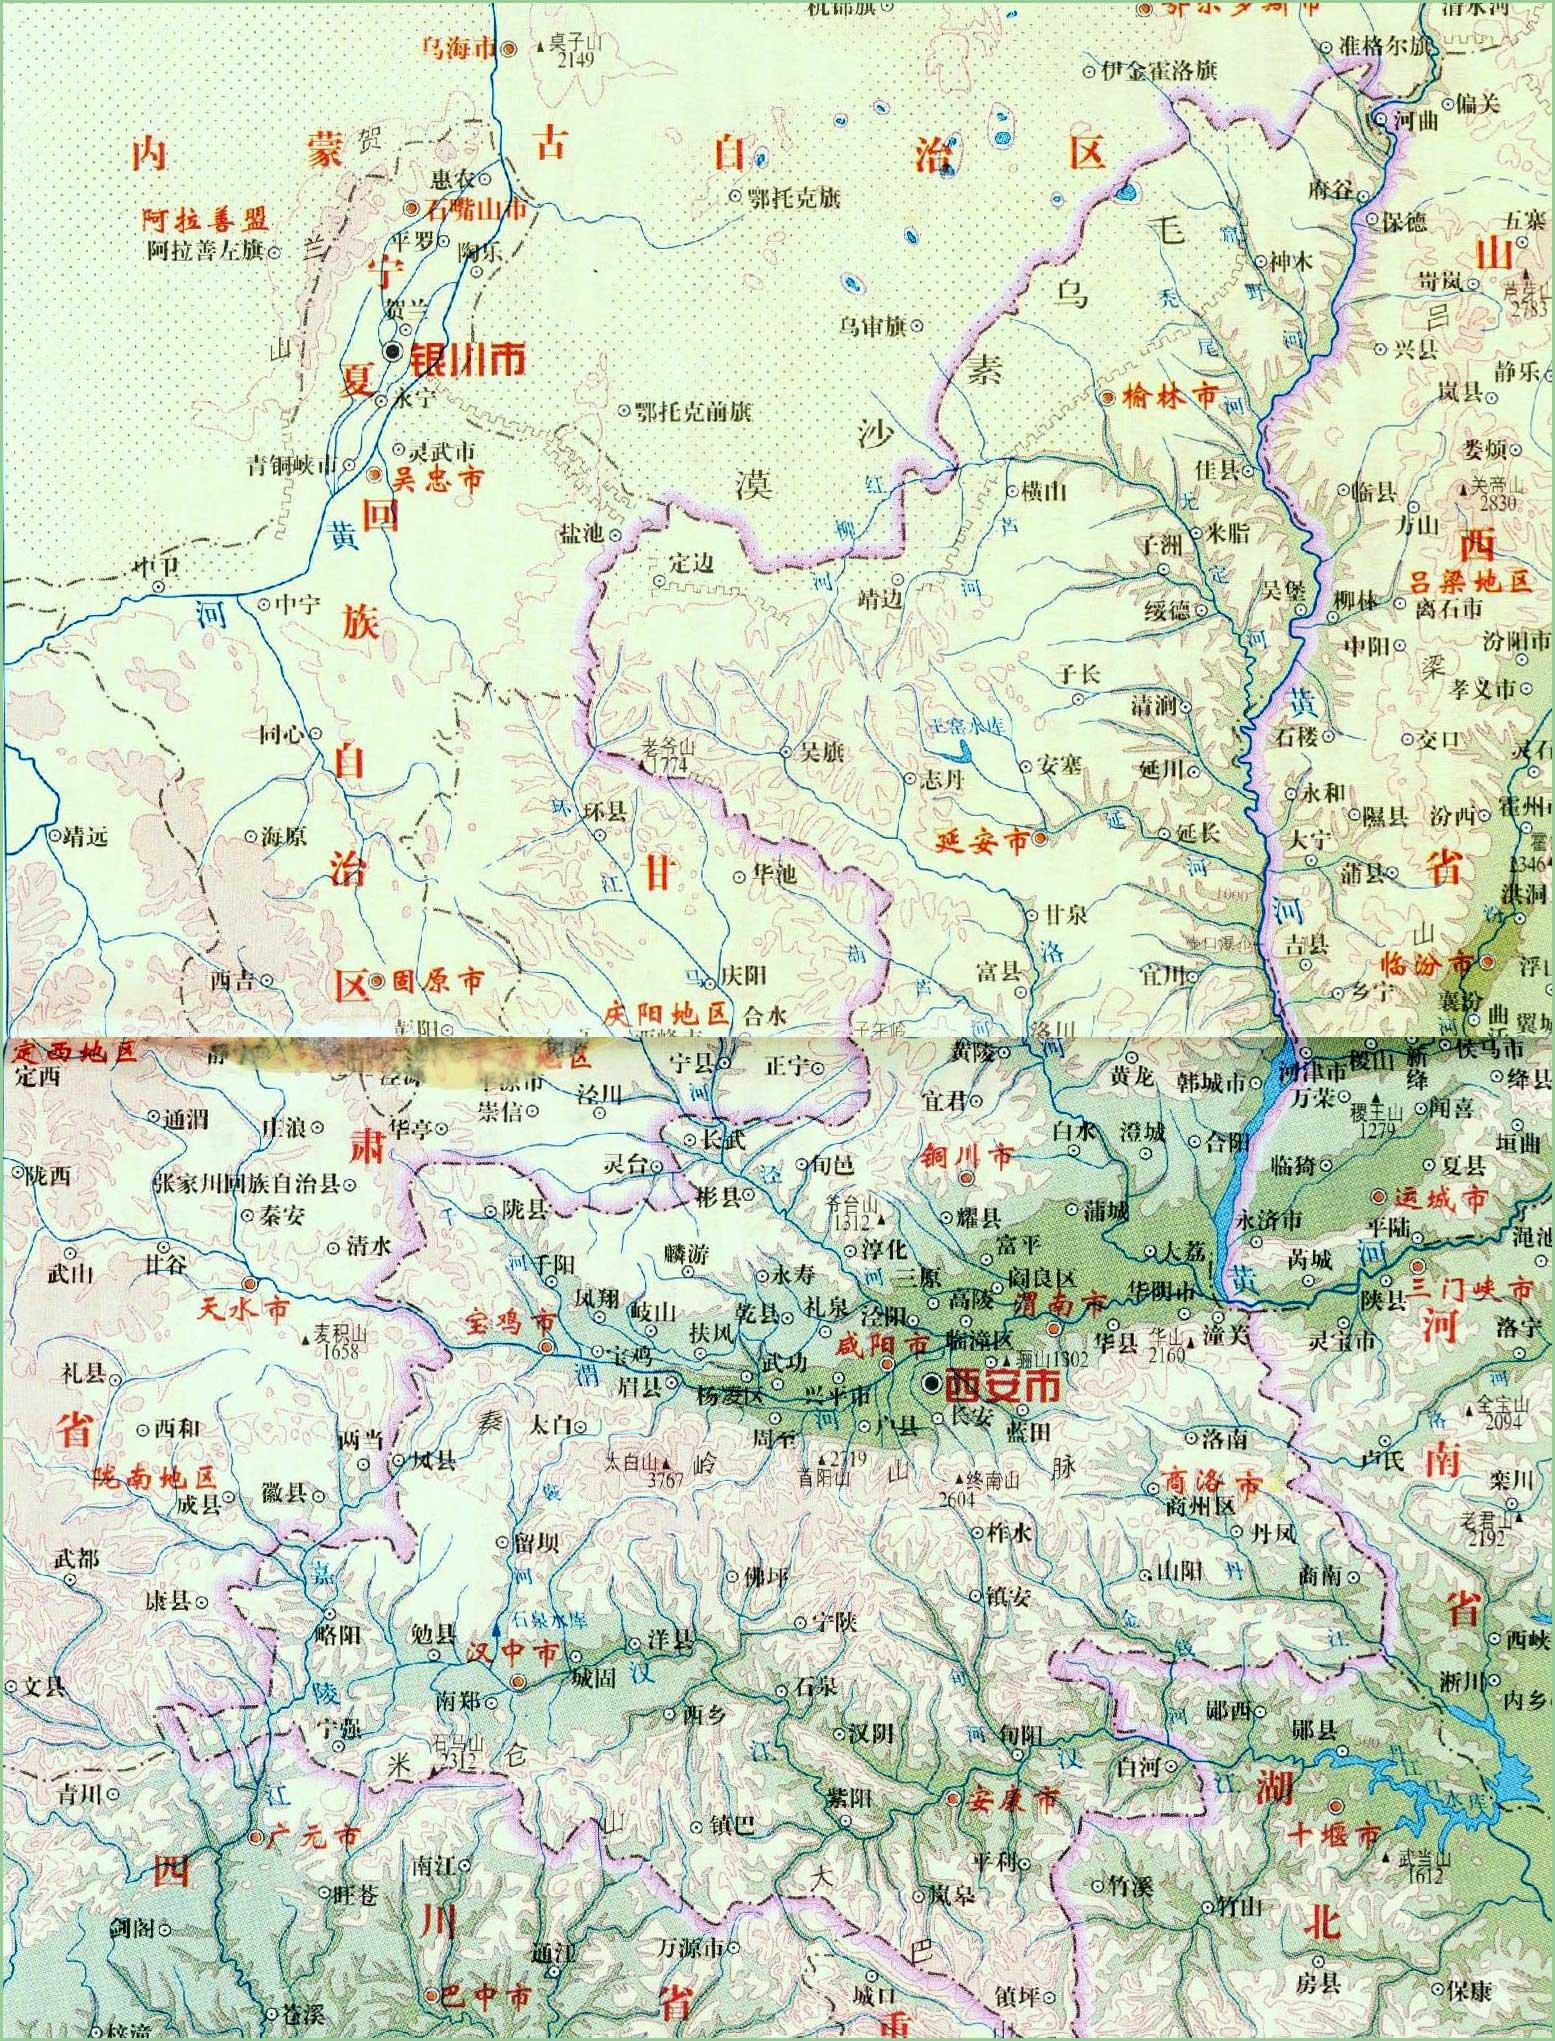 陕西省地形地势地图